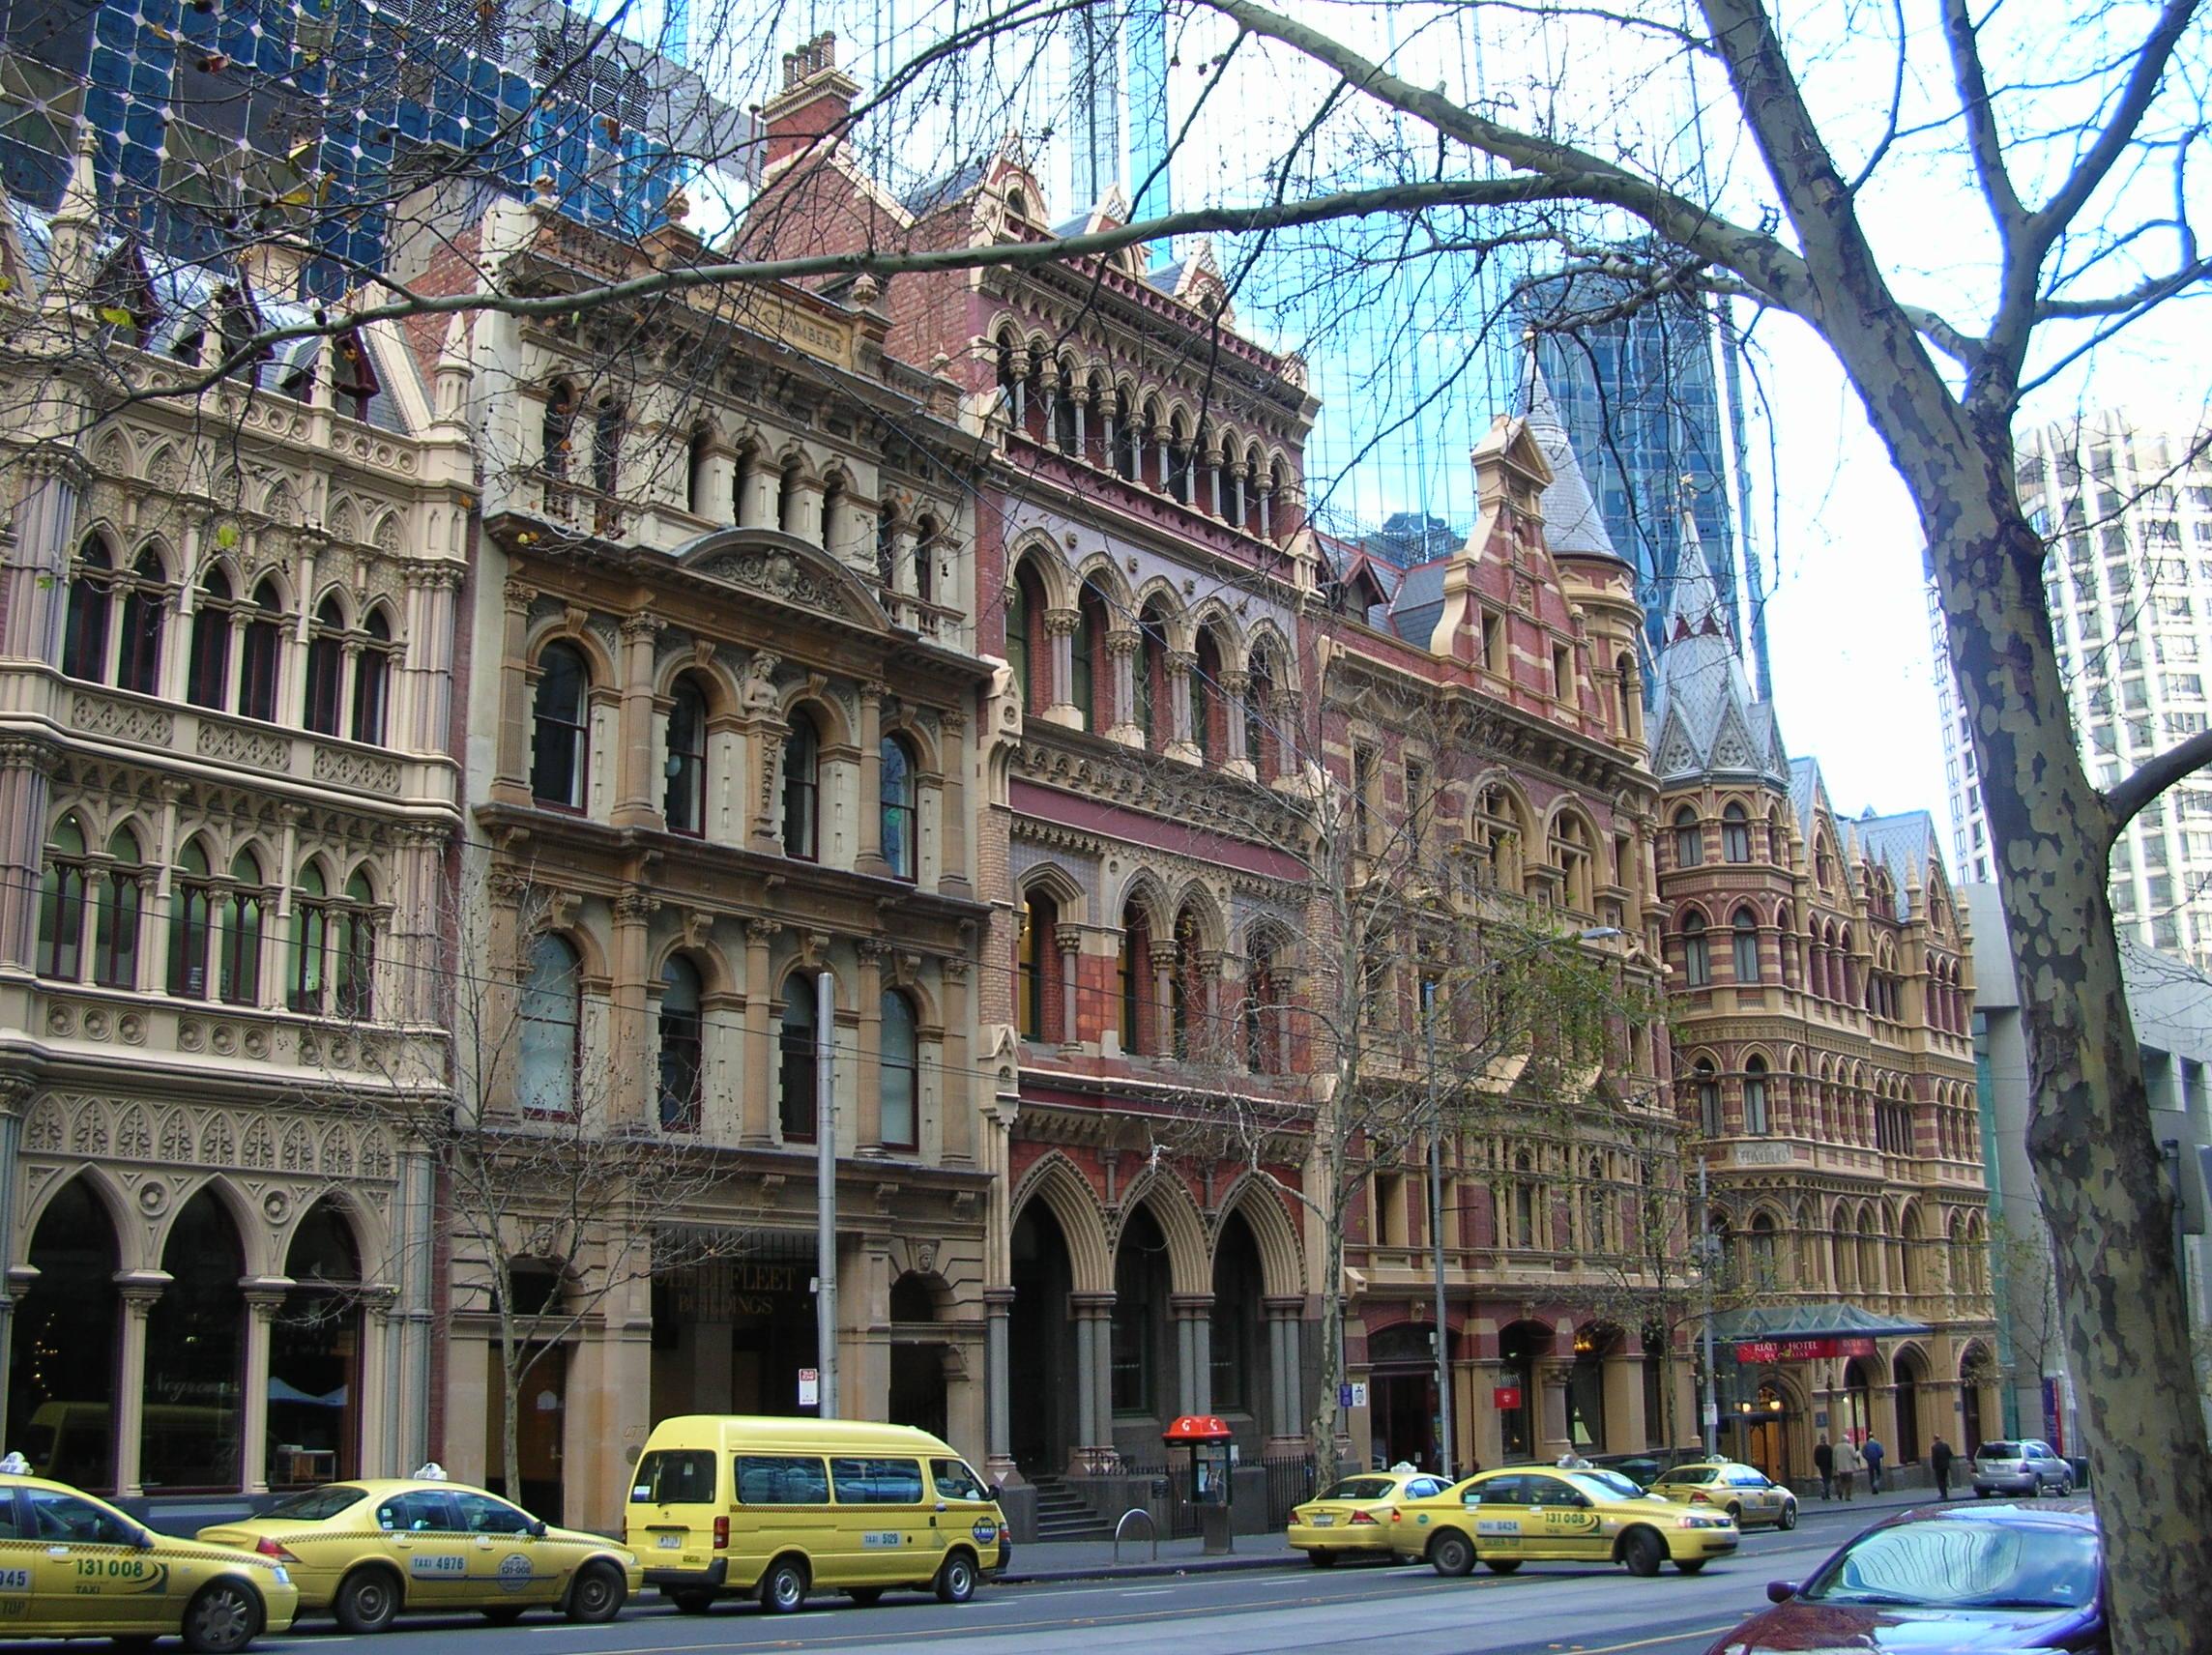 Haussmann architecture VS Victorian architecture - SkyscraperCity